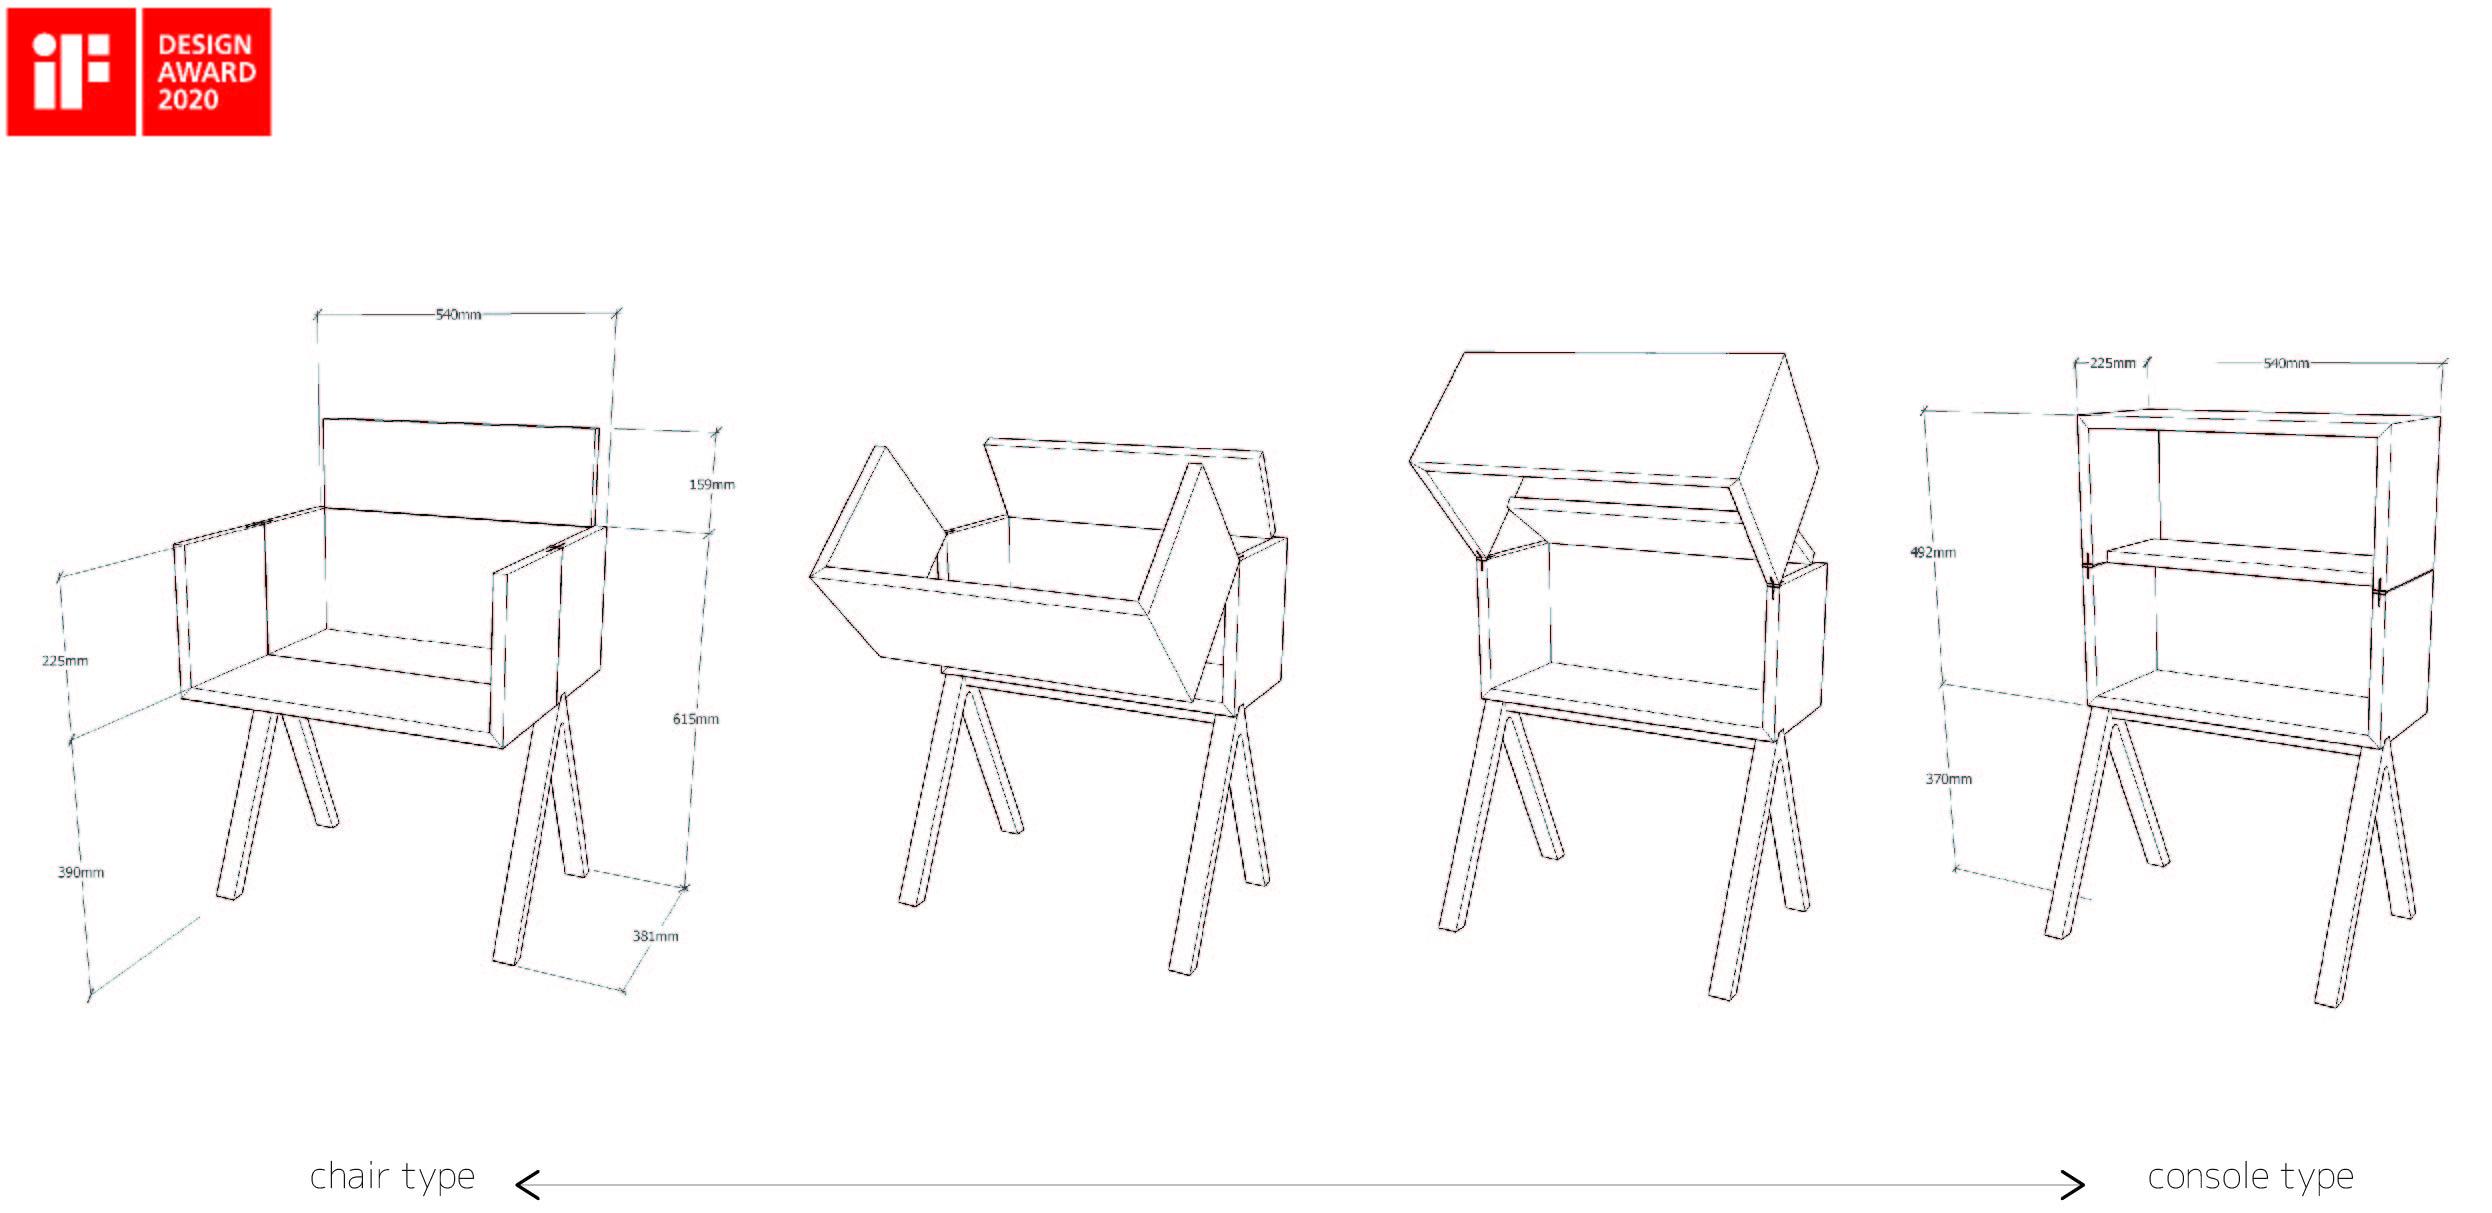 Consol Chair